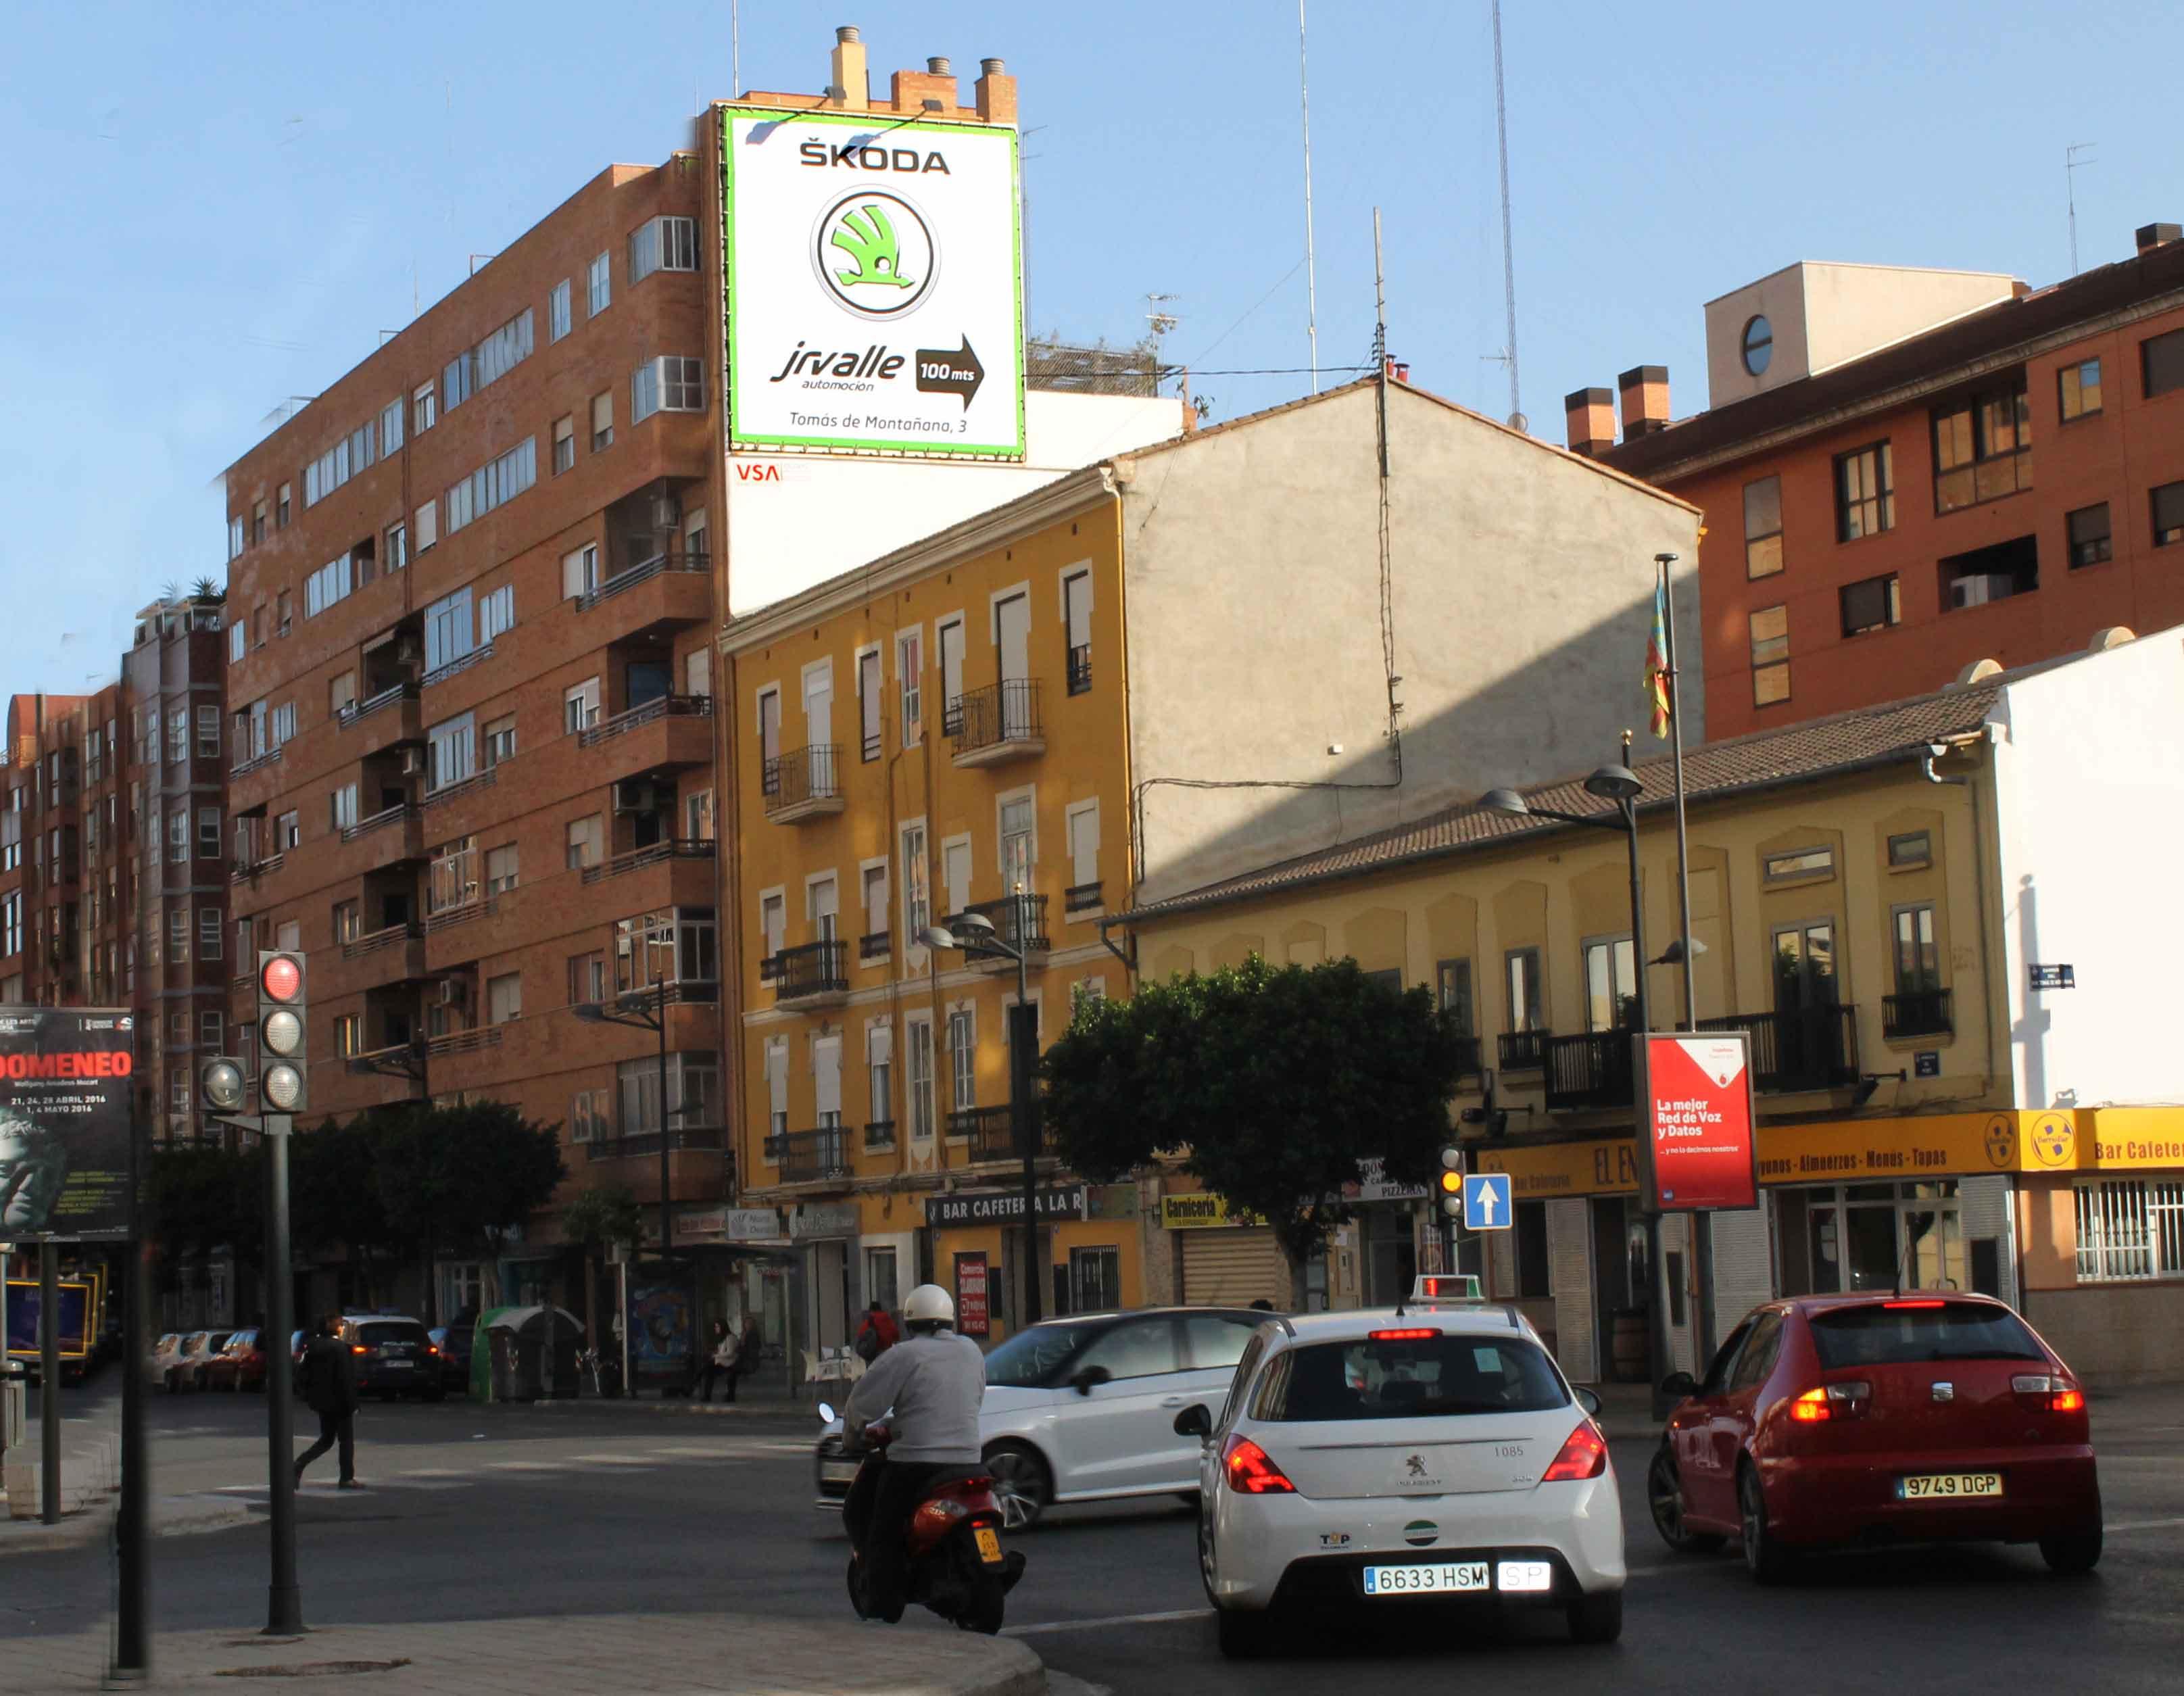 pym-valencia-avenida-del-puerto-skoda-vsa-comunicacion